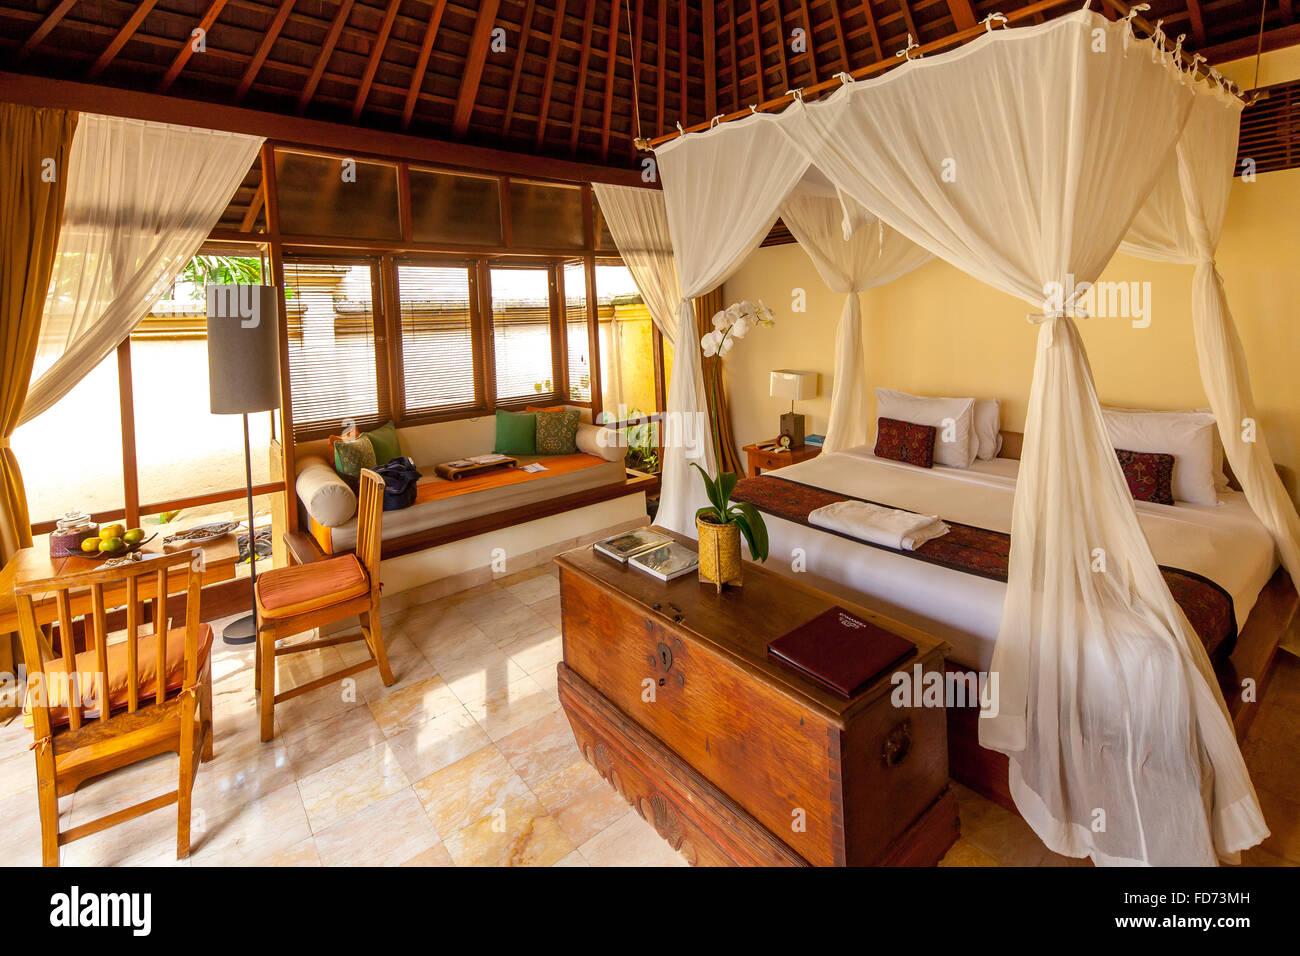 Camere Con Letto A Baldacchino : Camere con letto a baldacchino turismo ubud bali indonesia